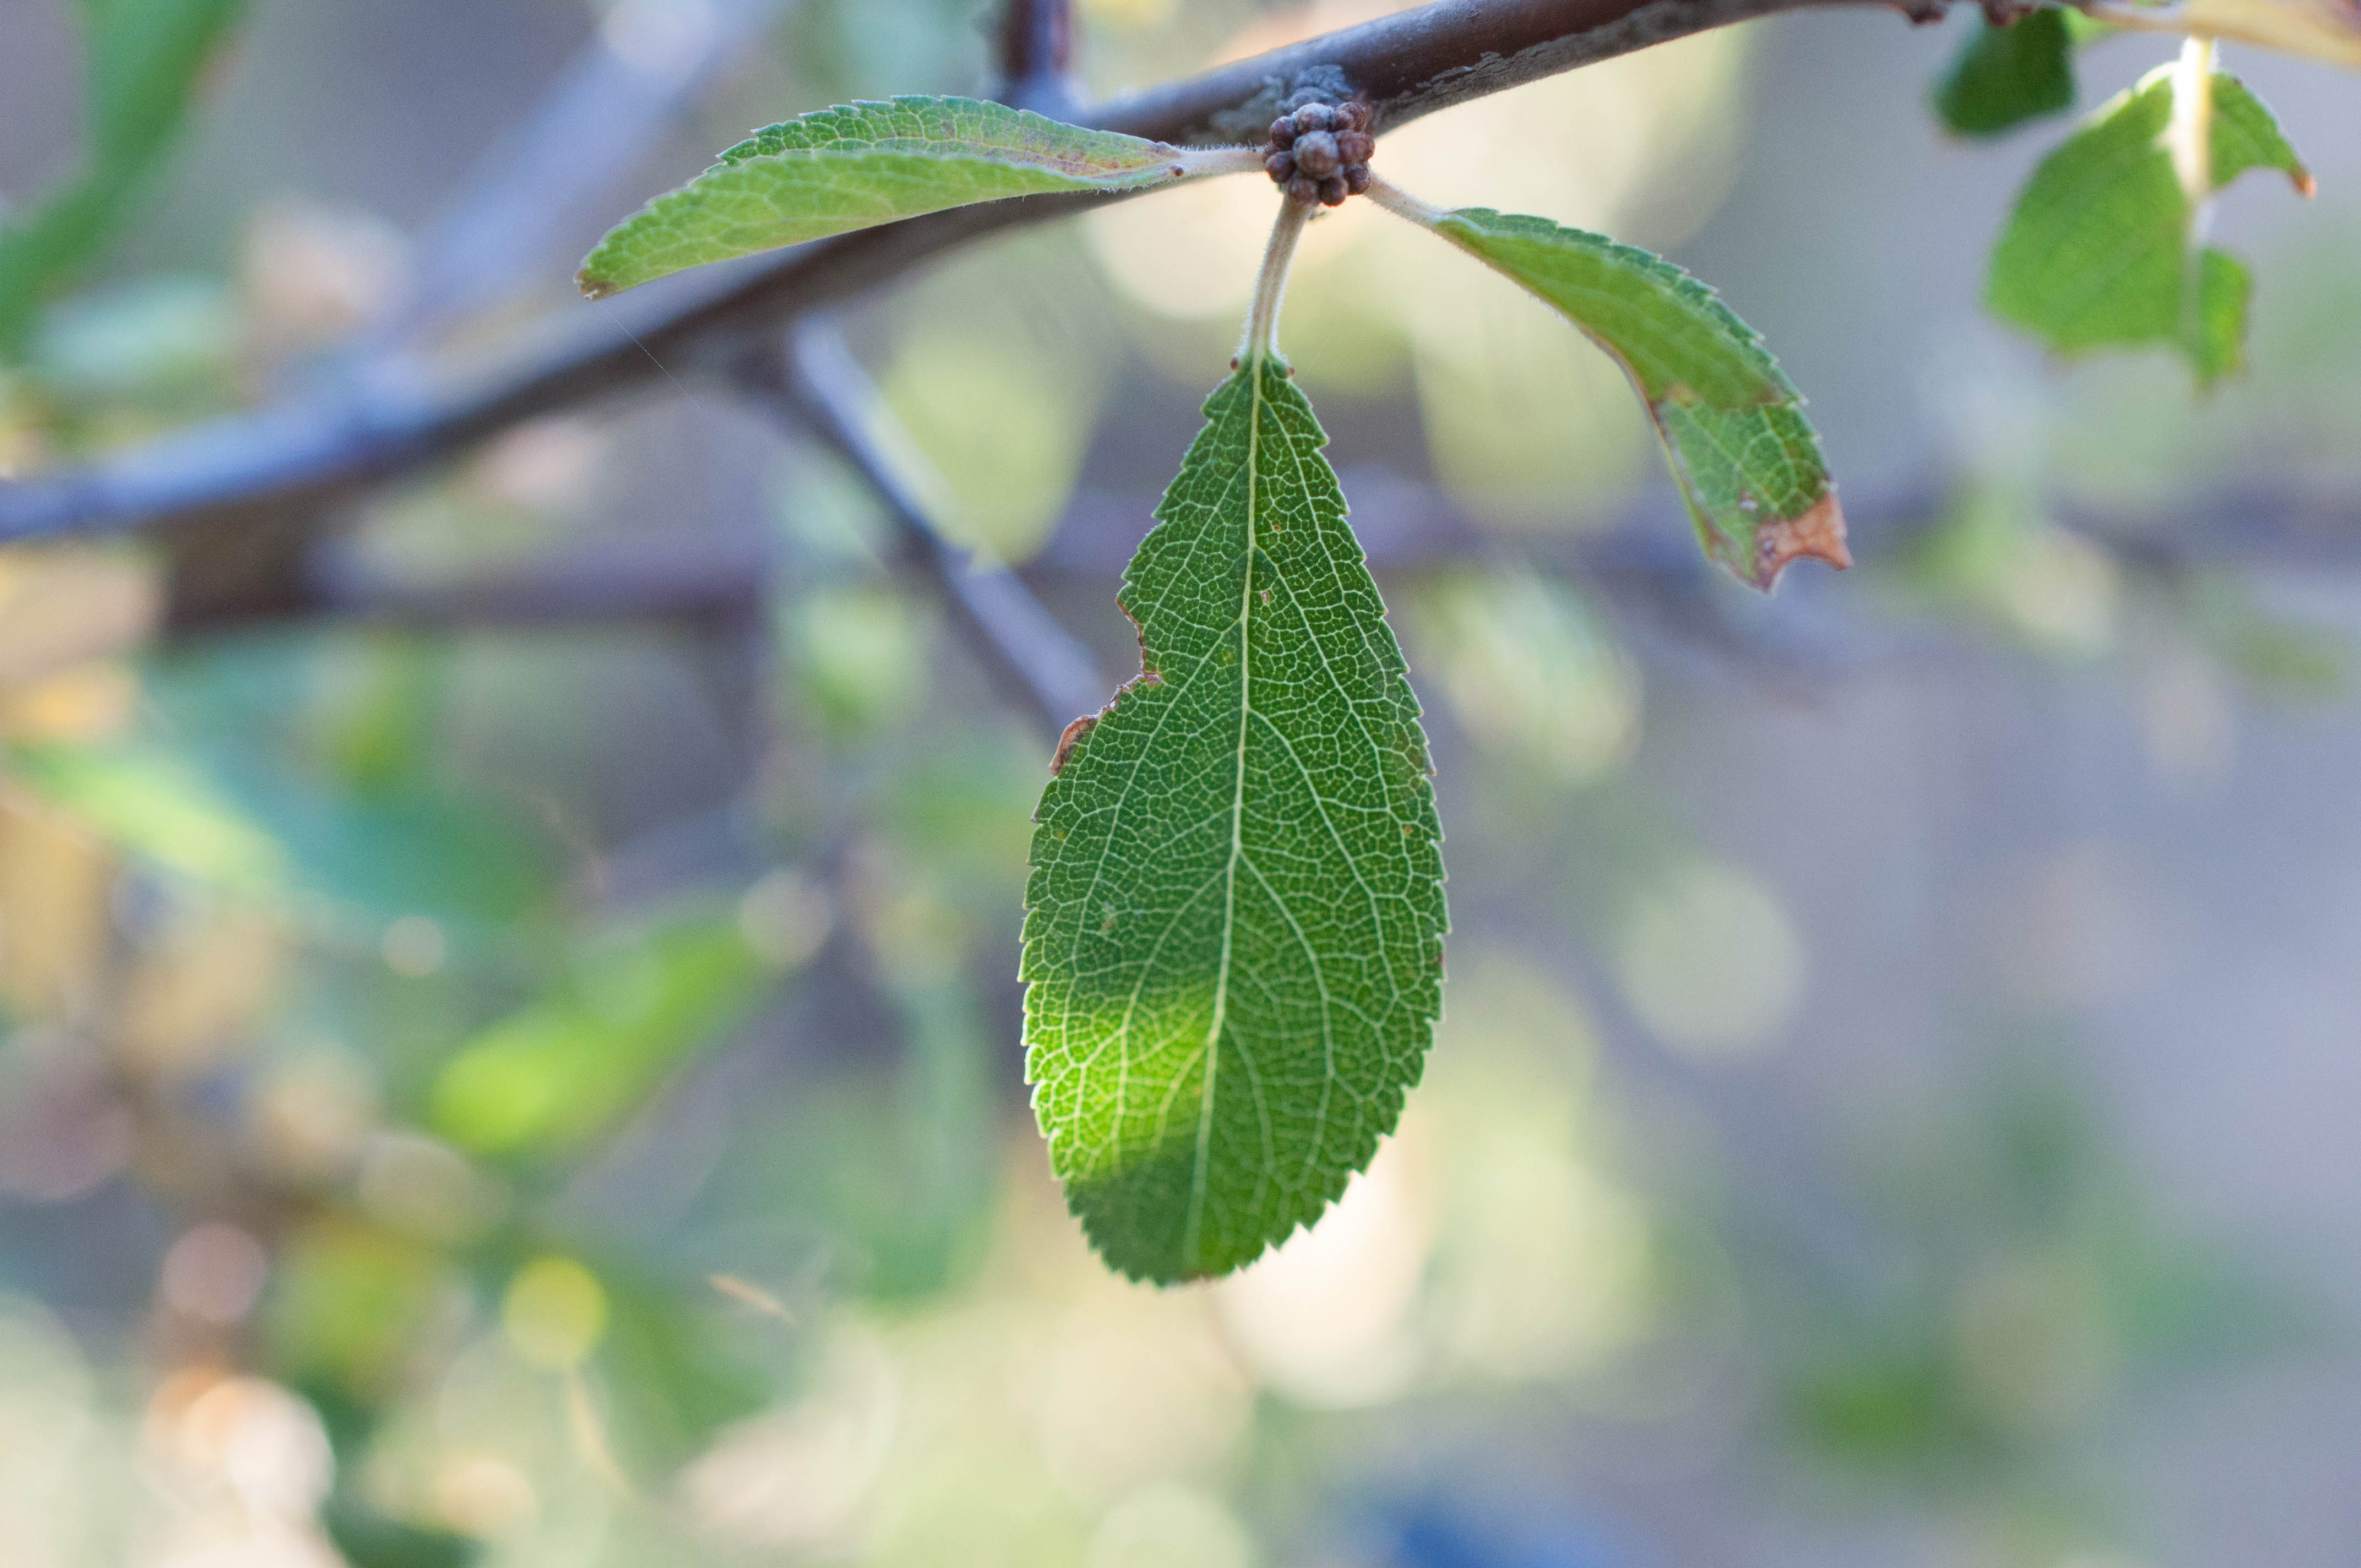 Prunus spinosa Las Obreras de Aliste